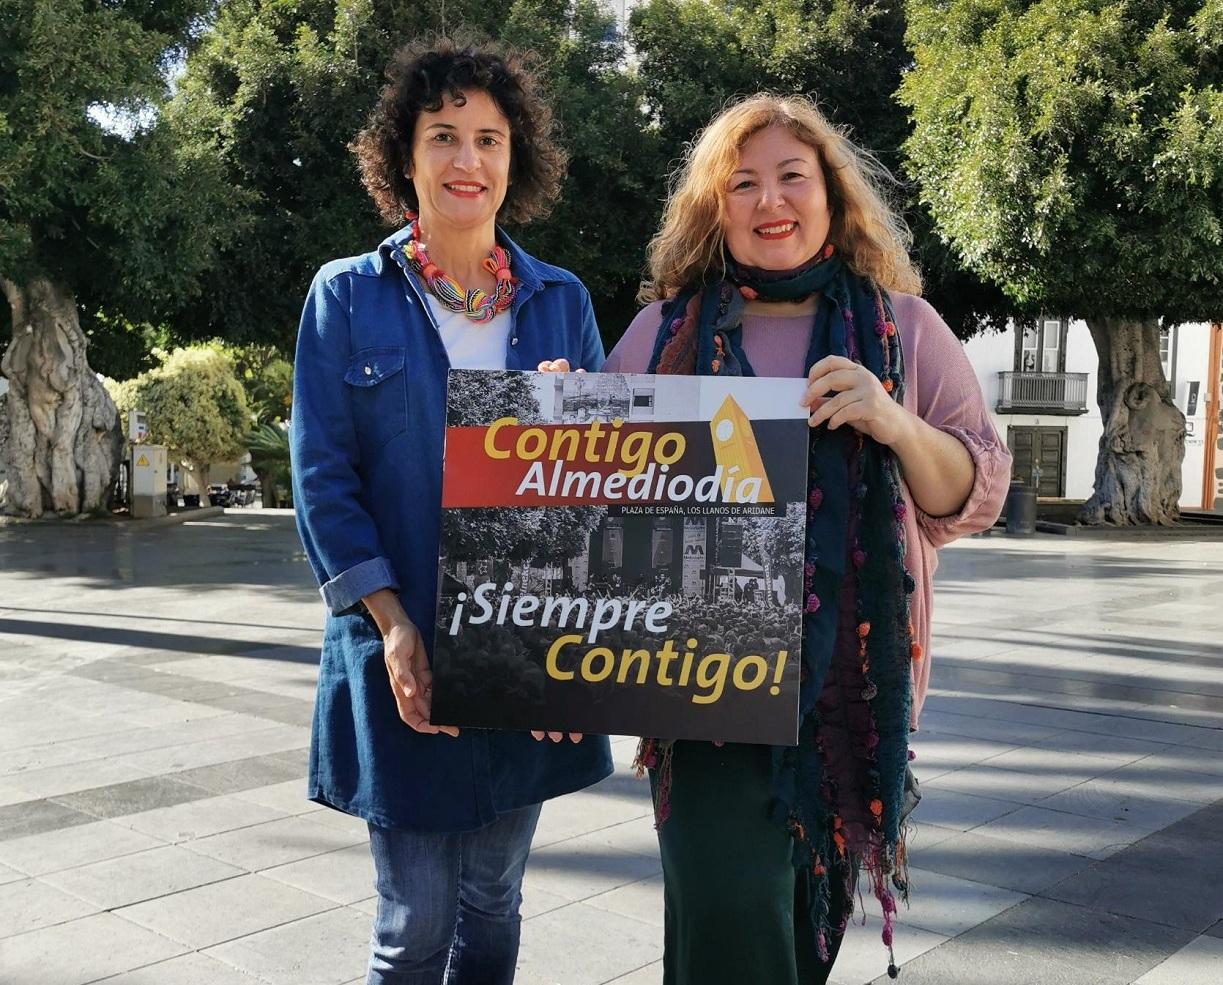 Los Llanos de Aridane organiza cuatro 'Contigo Almediodía' en la plaza de España hasta finalizar el año - elapuron.com